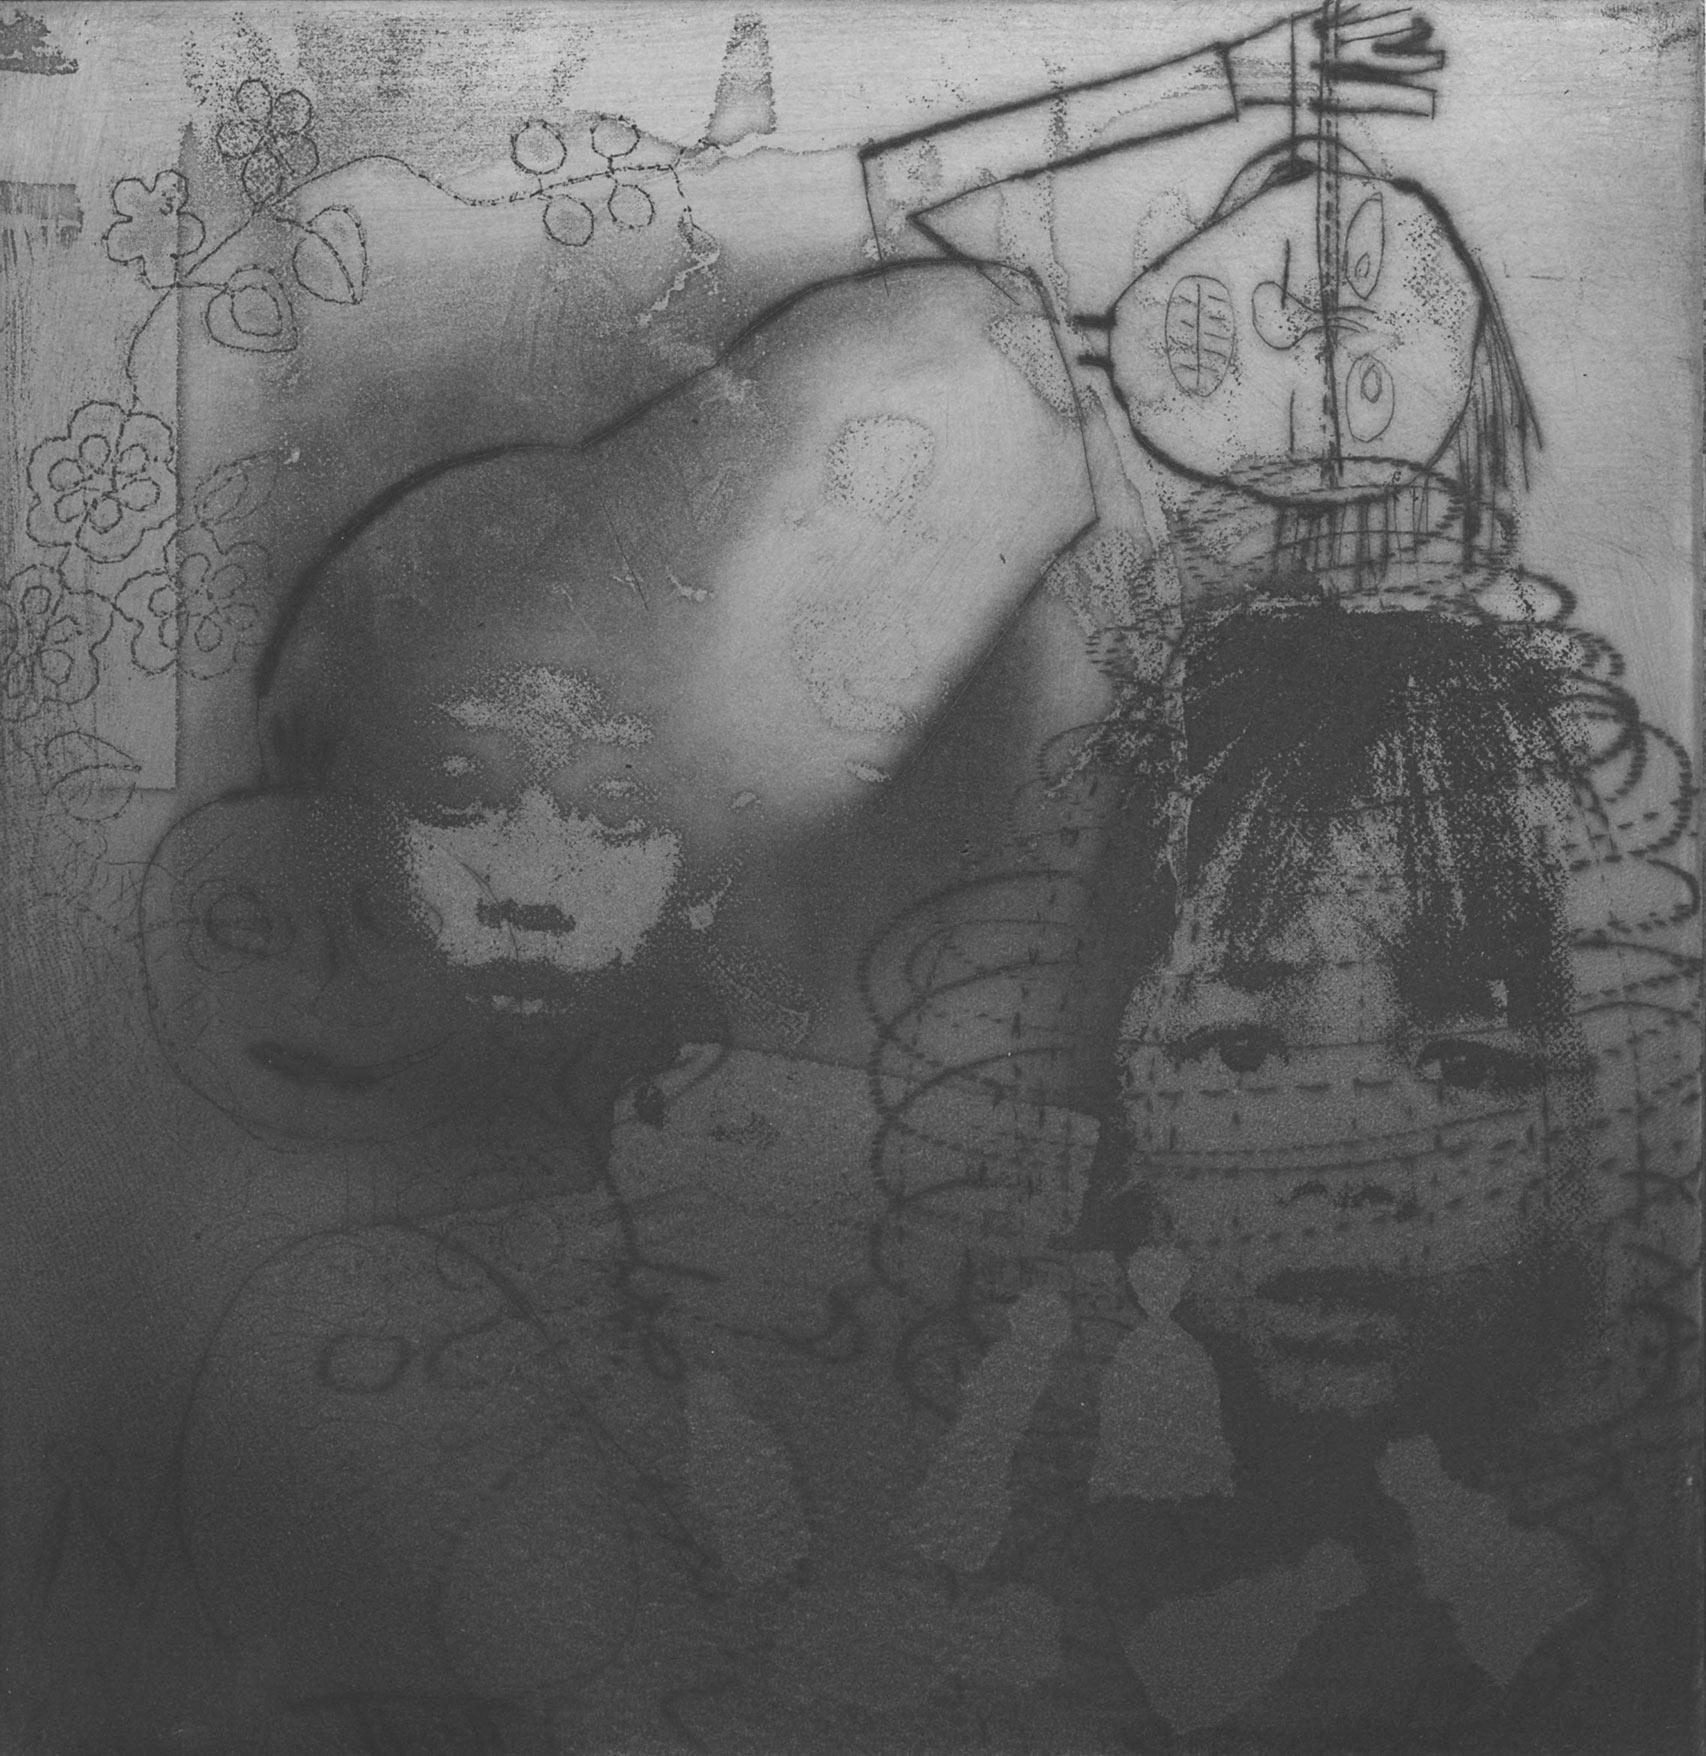 25cm x 25cm digital reproduction ofPalimpsest 15